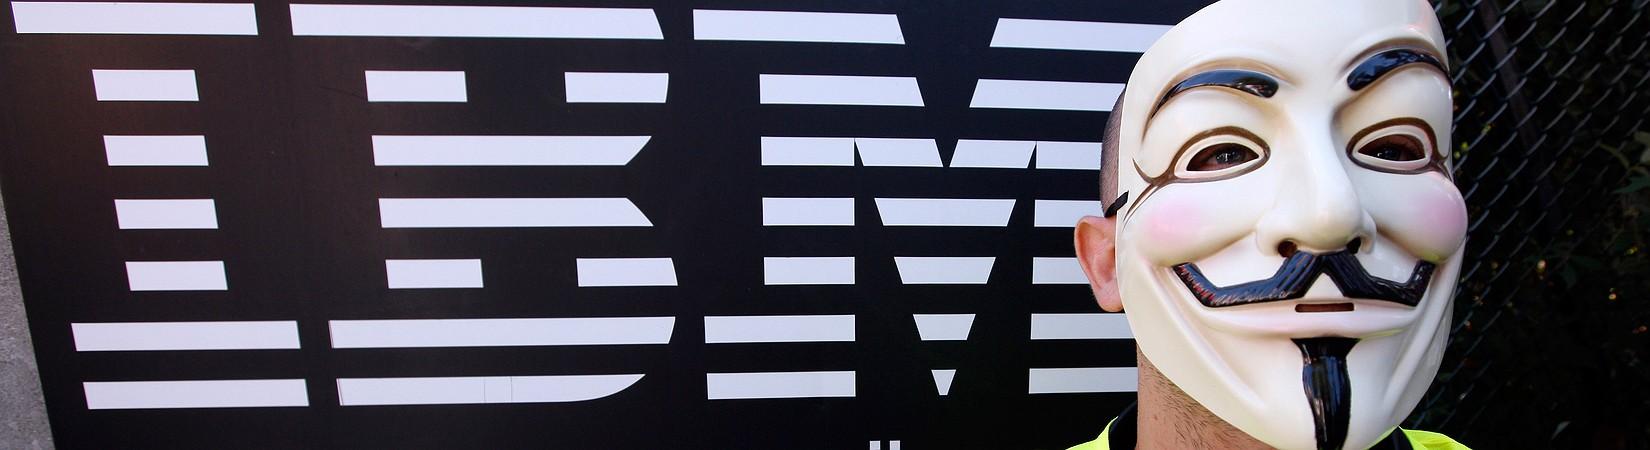 Gli investitori stanno sopravvalutando IBM